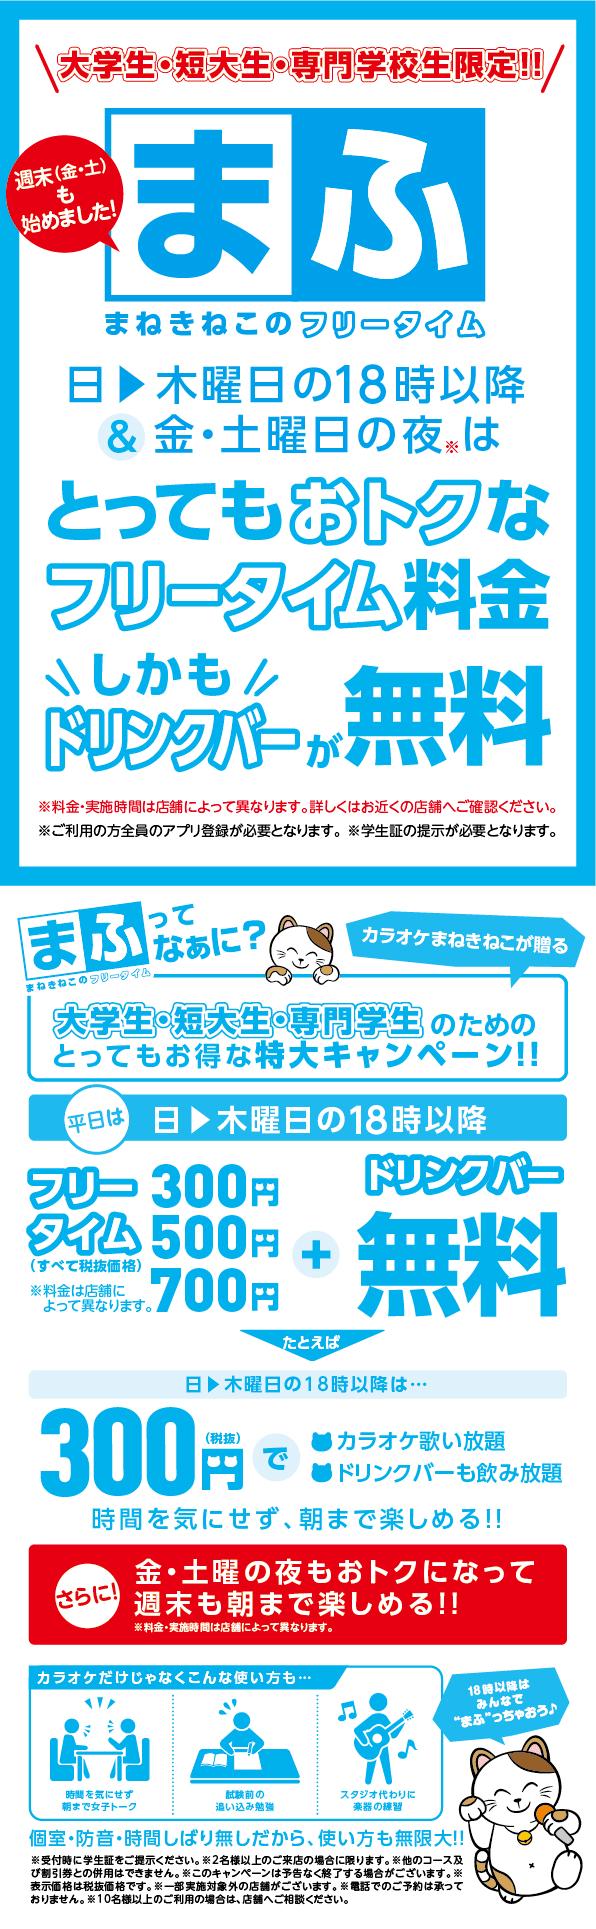 カラオケまねきねこの週末まふ始めました!大学生・専門学生限定【 ま ふ 】!のキャンペーン・フェアの詳細